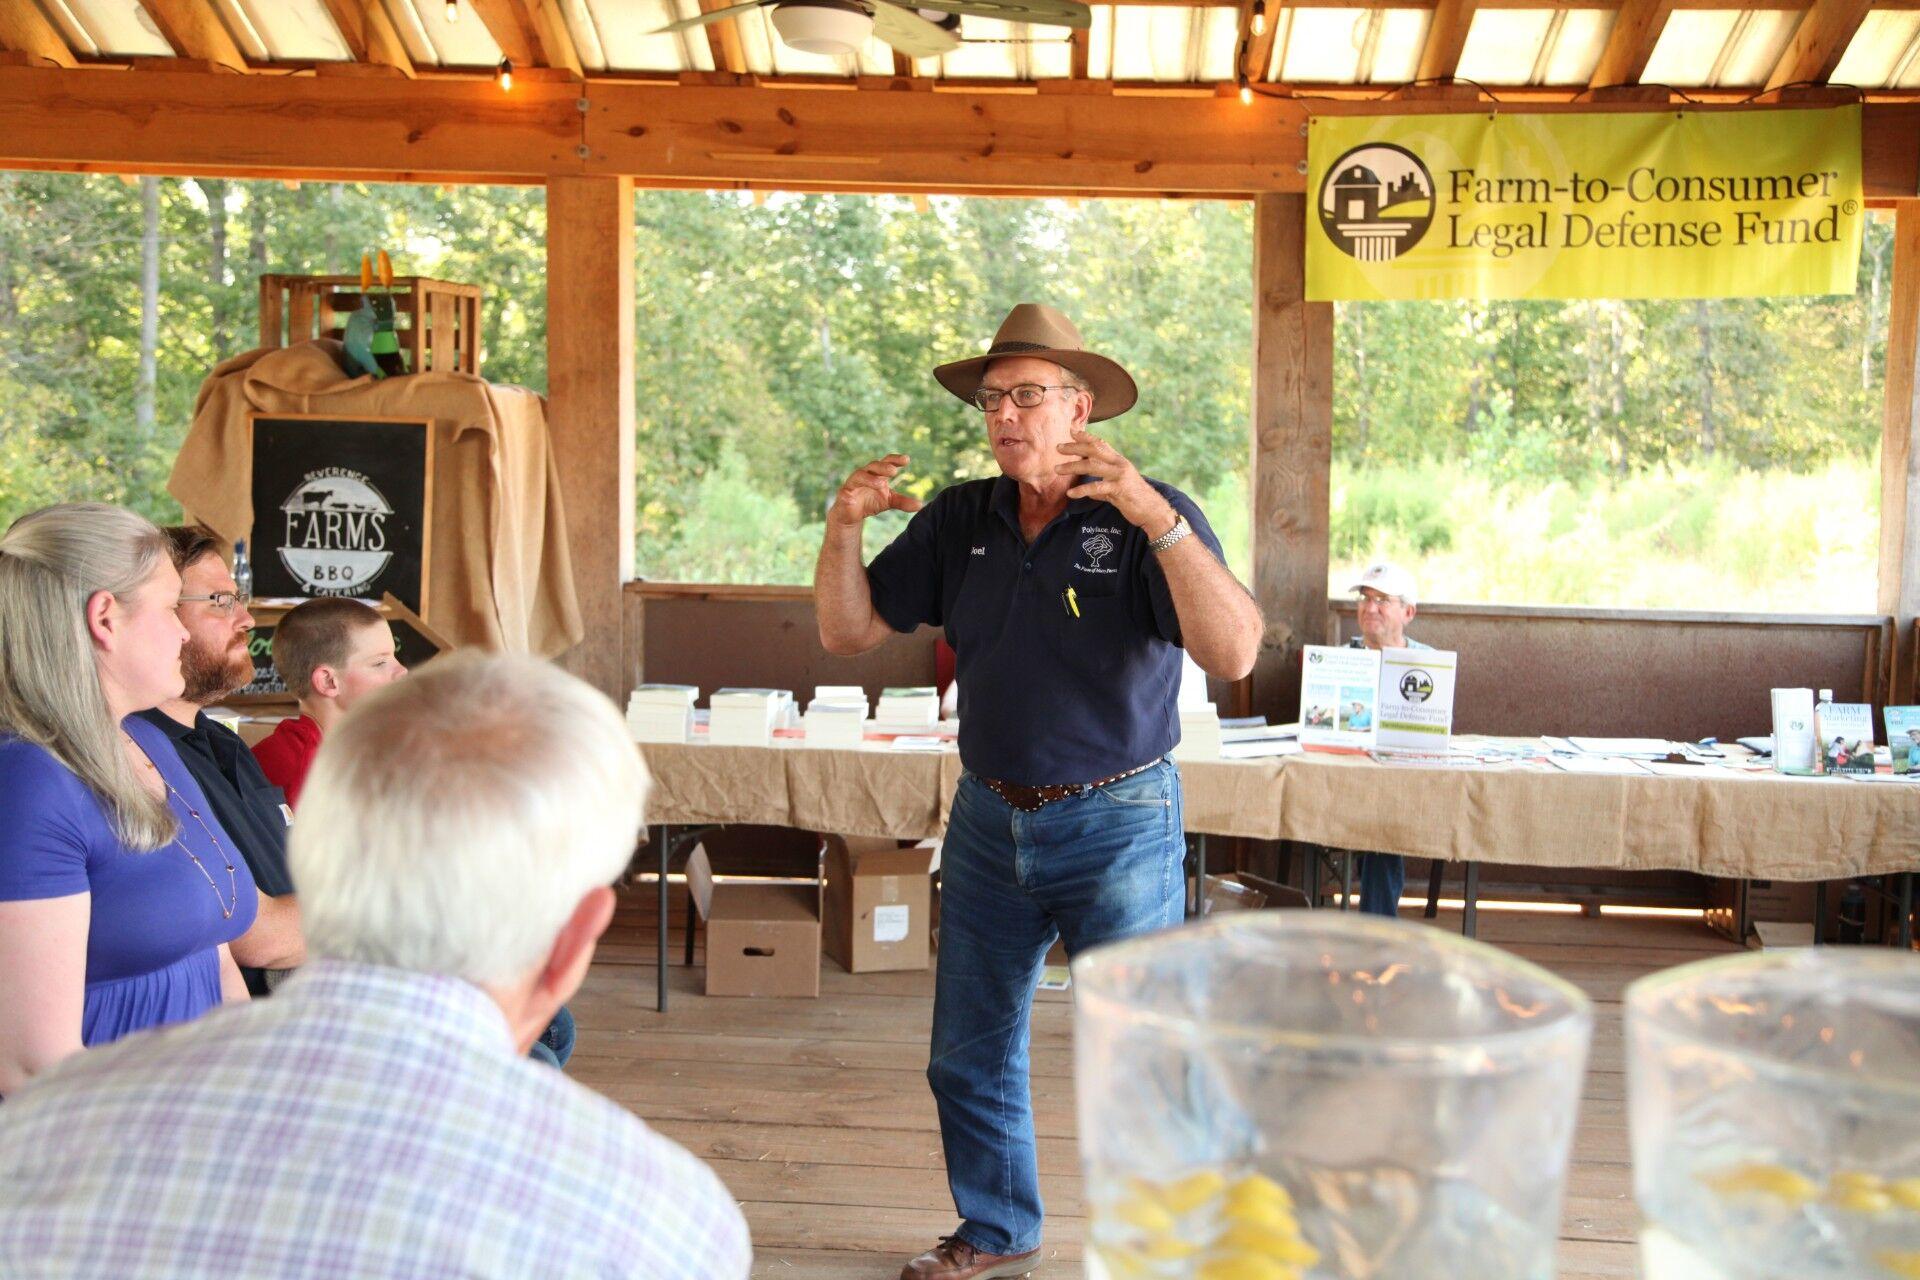 Joel speaking